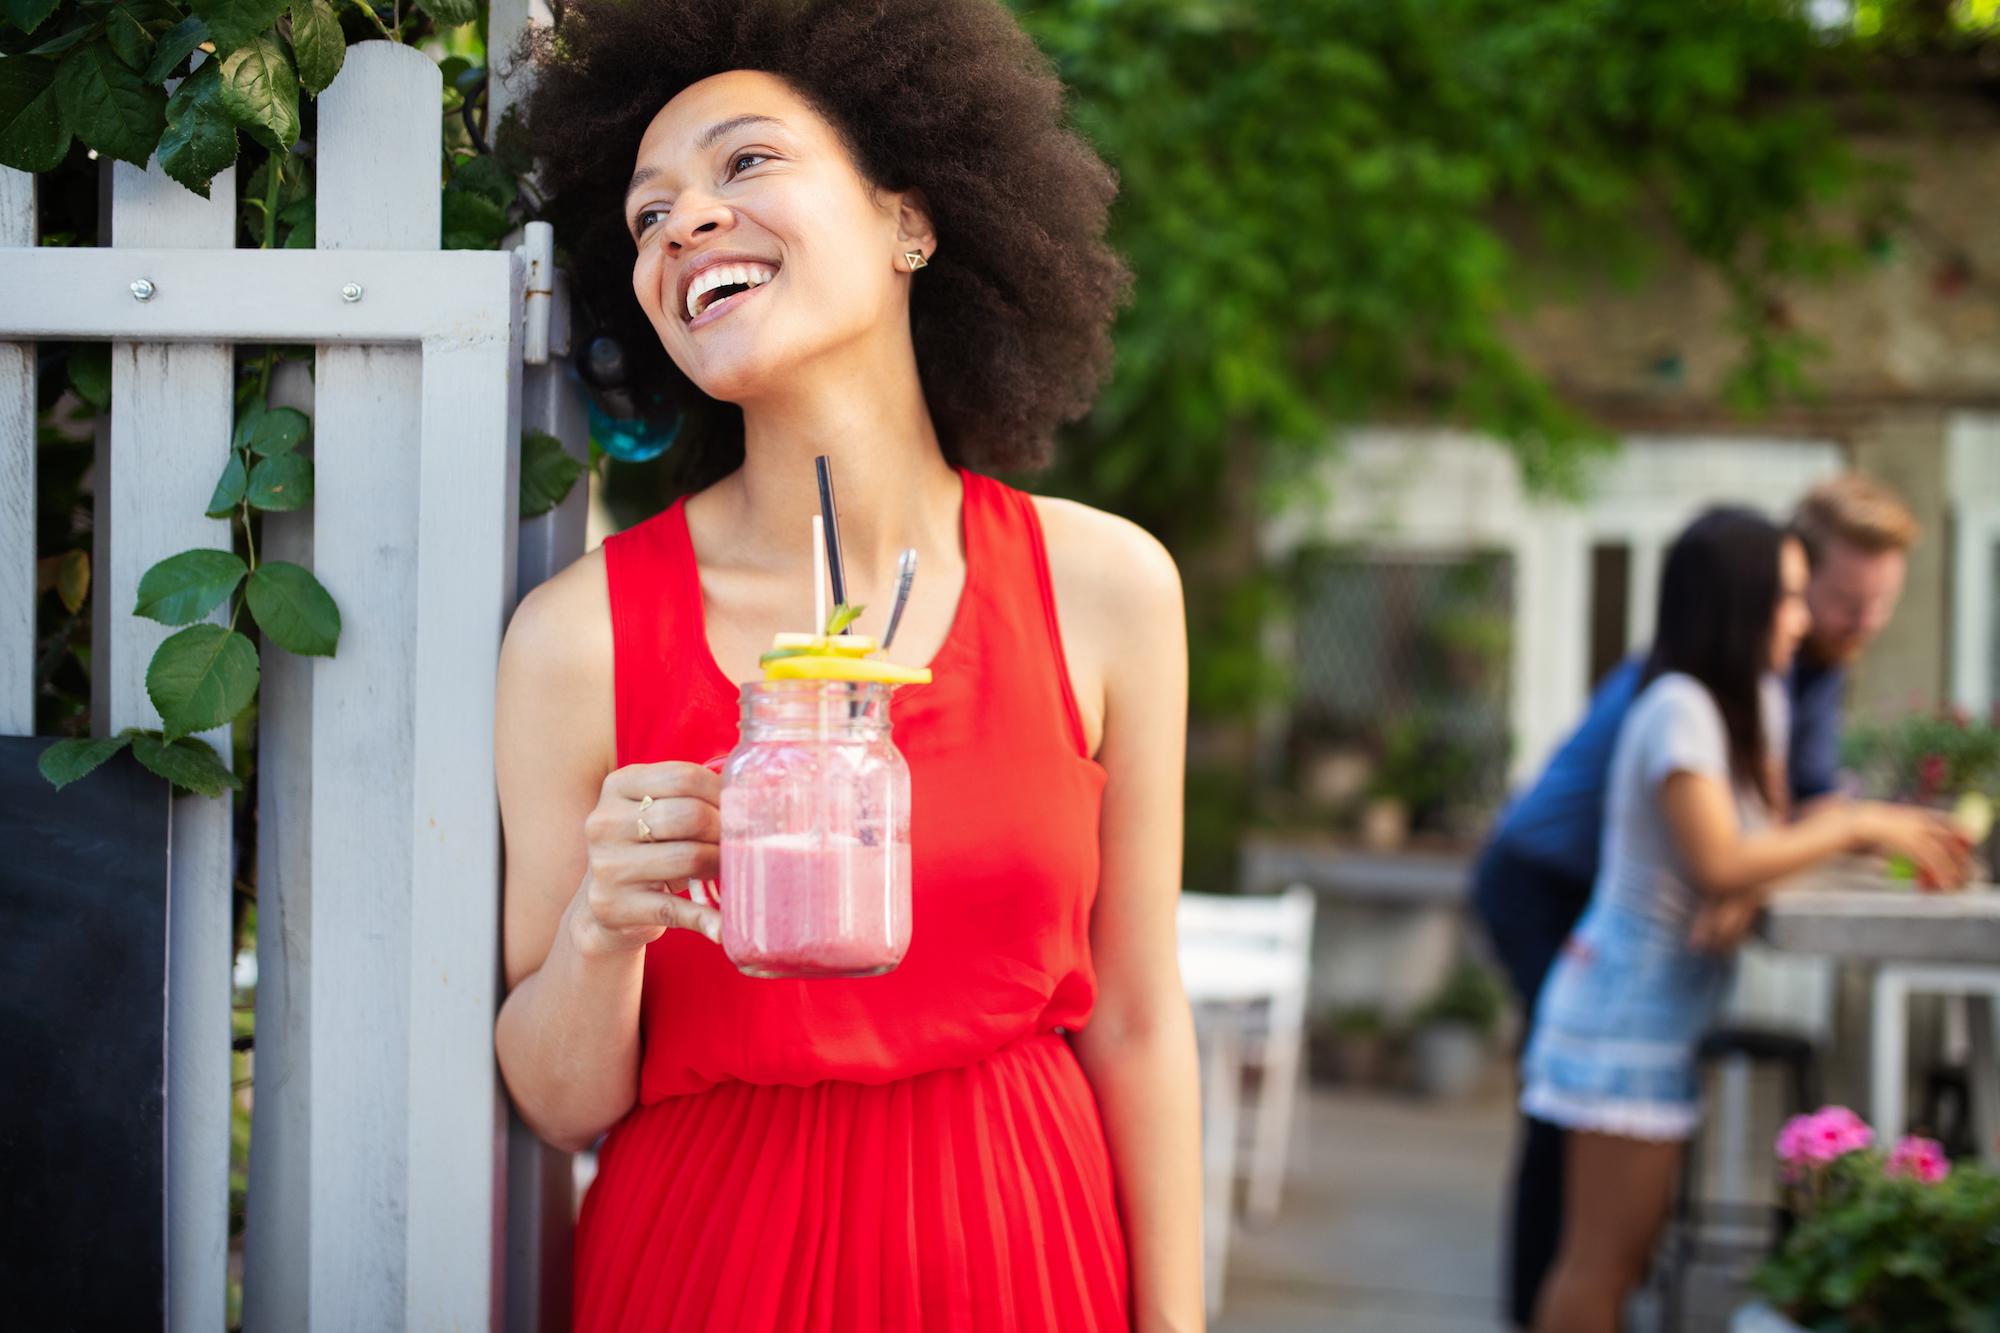 Woman laughing while enjoying smoothie